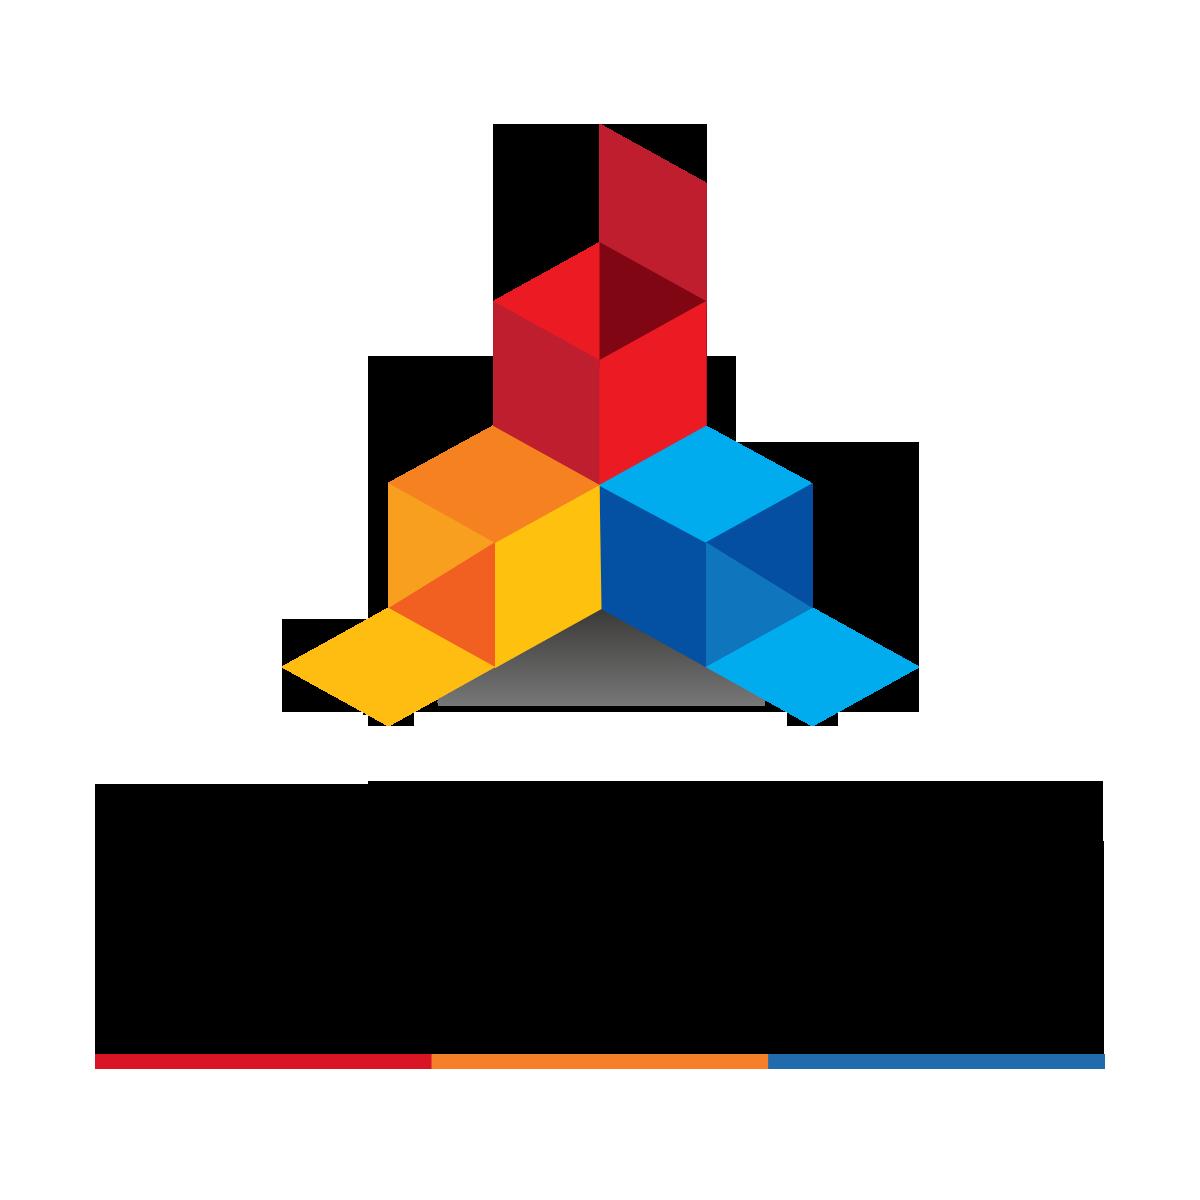 AAA-logo-1200-x-1200-transparent.png